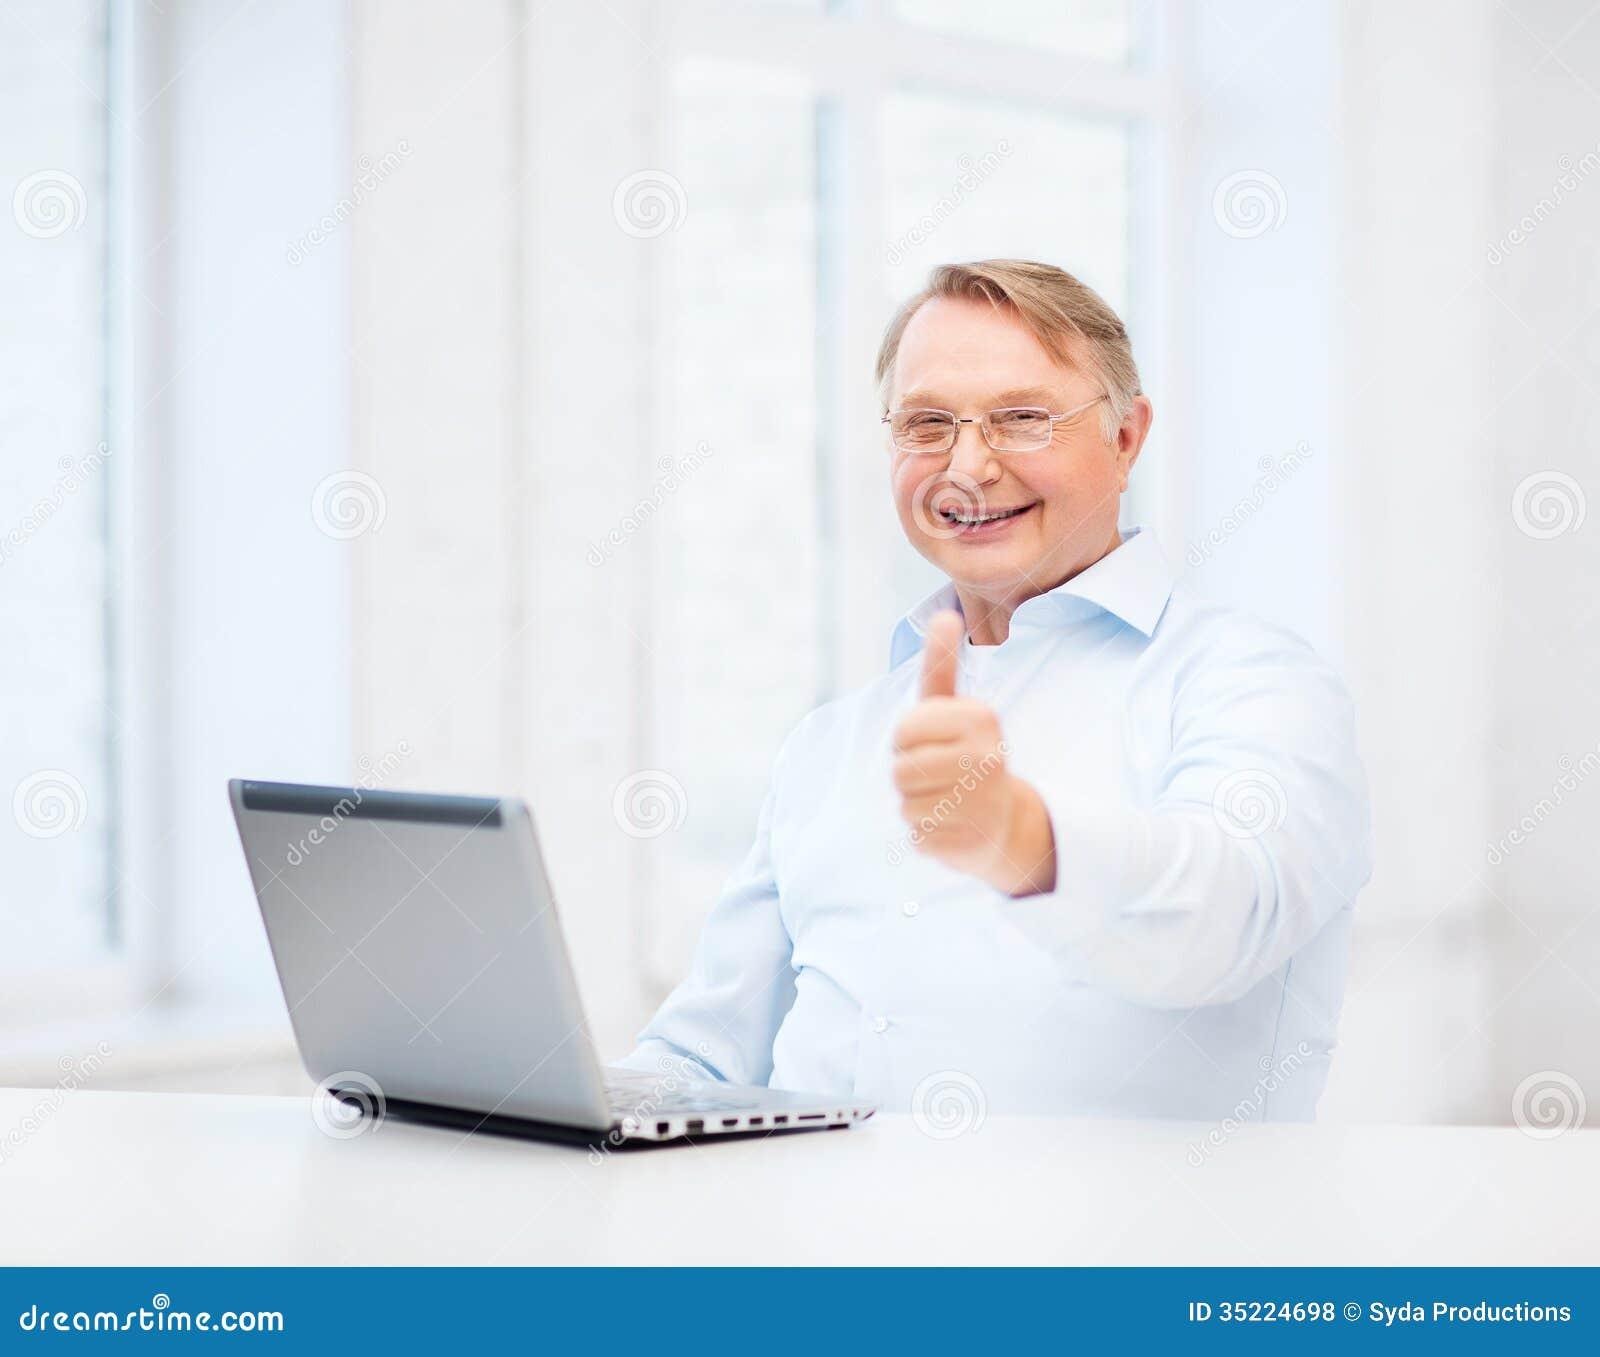 vieil homme avec l 39 ordinateur portable montrant des pouces photo stock image du laptop gentil. Black Bedroom Furniture Sets. Home Design Ideas